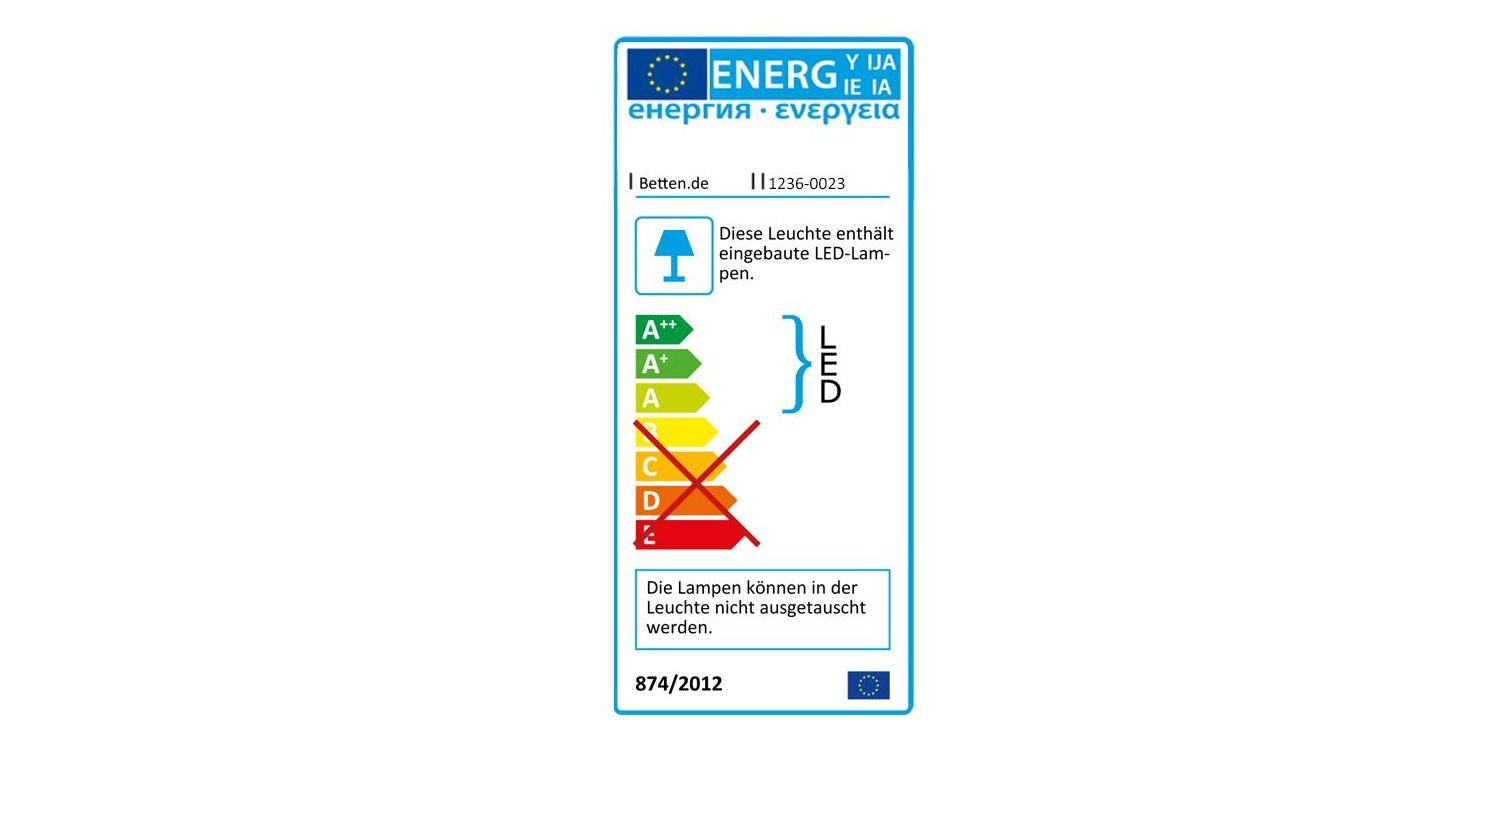 Spiegel-Funktions-Kleiderschrank Northvilles Energieverbrauchskennzeichnung